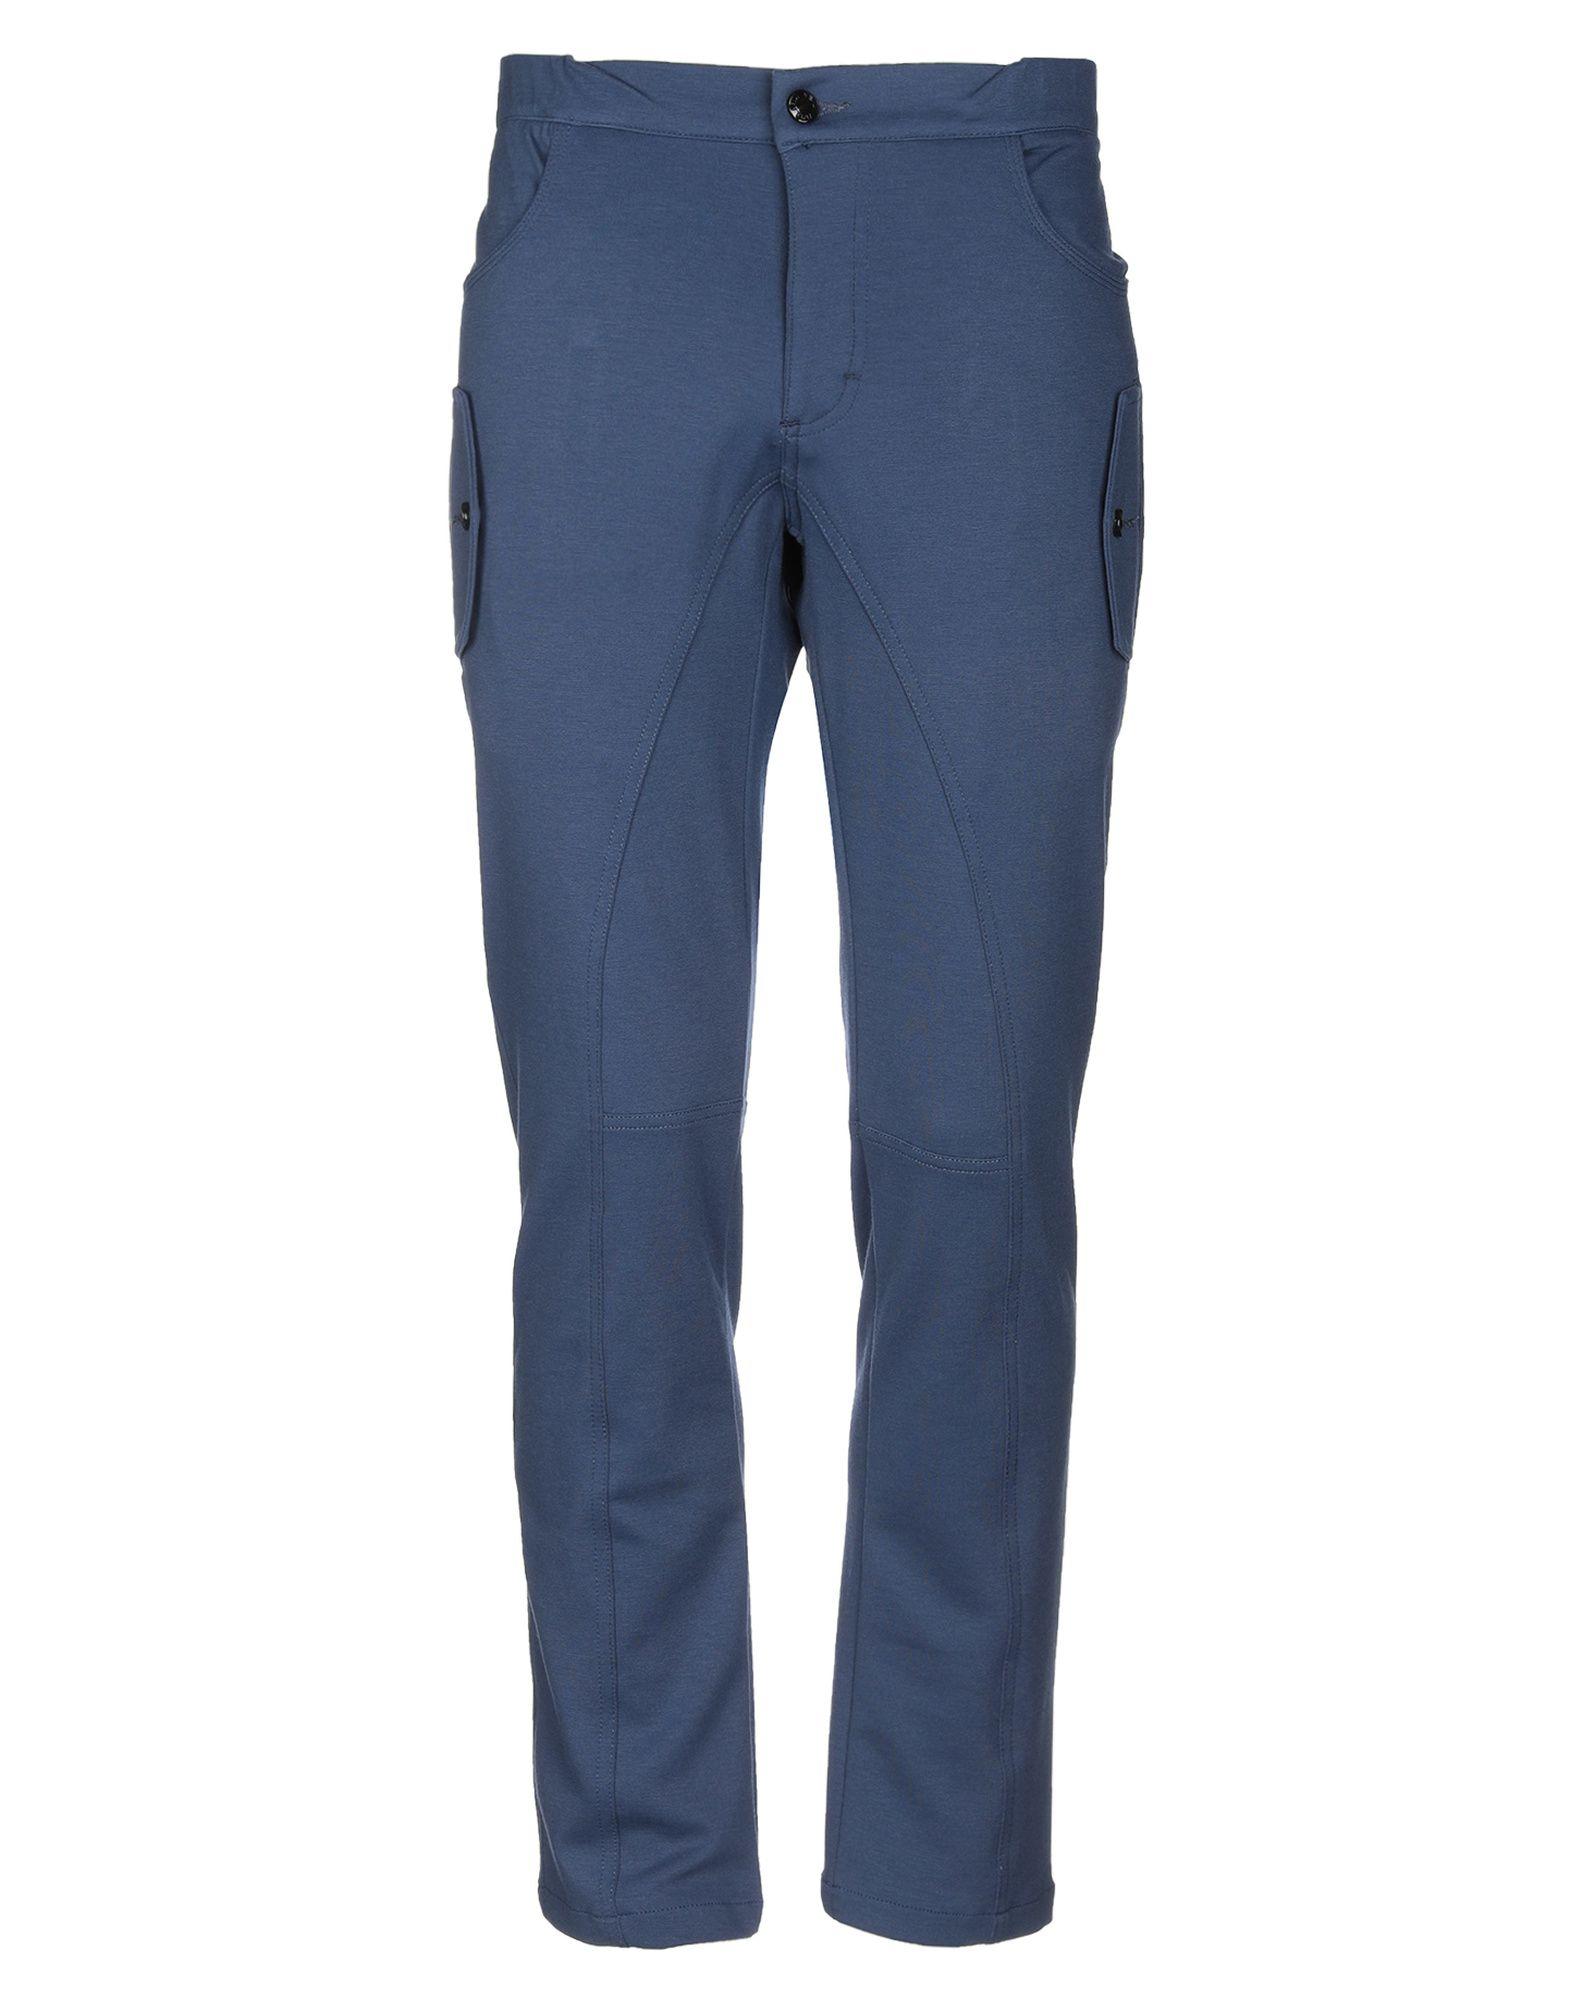 Pantalone Neill Katter uomo uomo uomo - 13283582PL 724